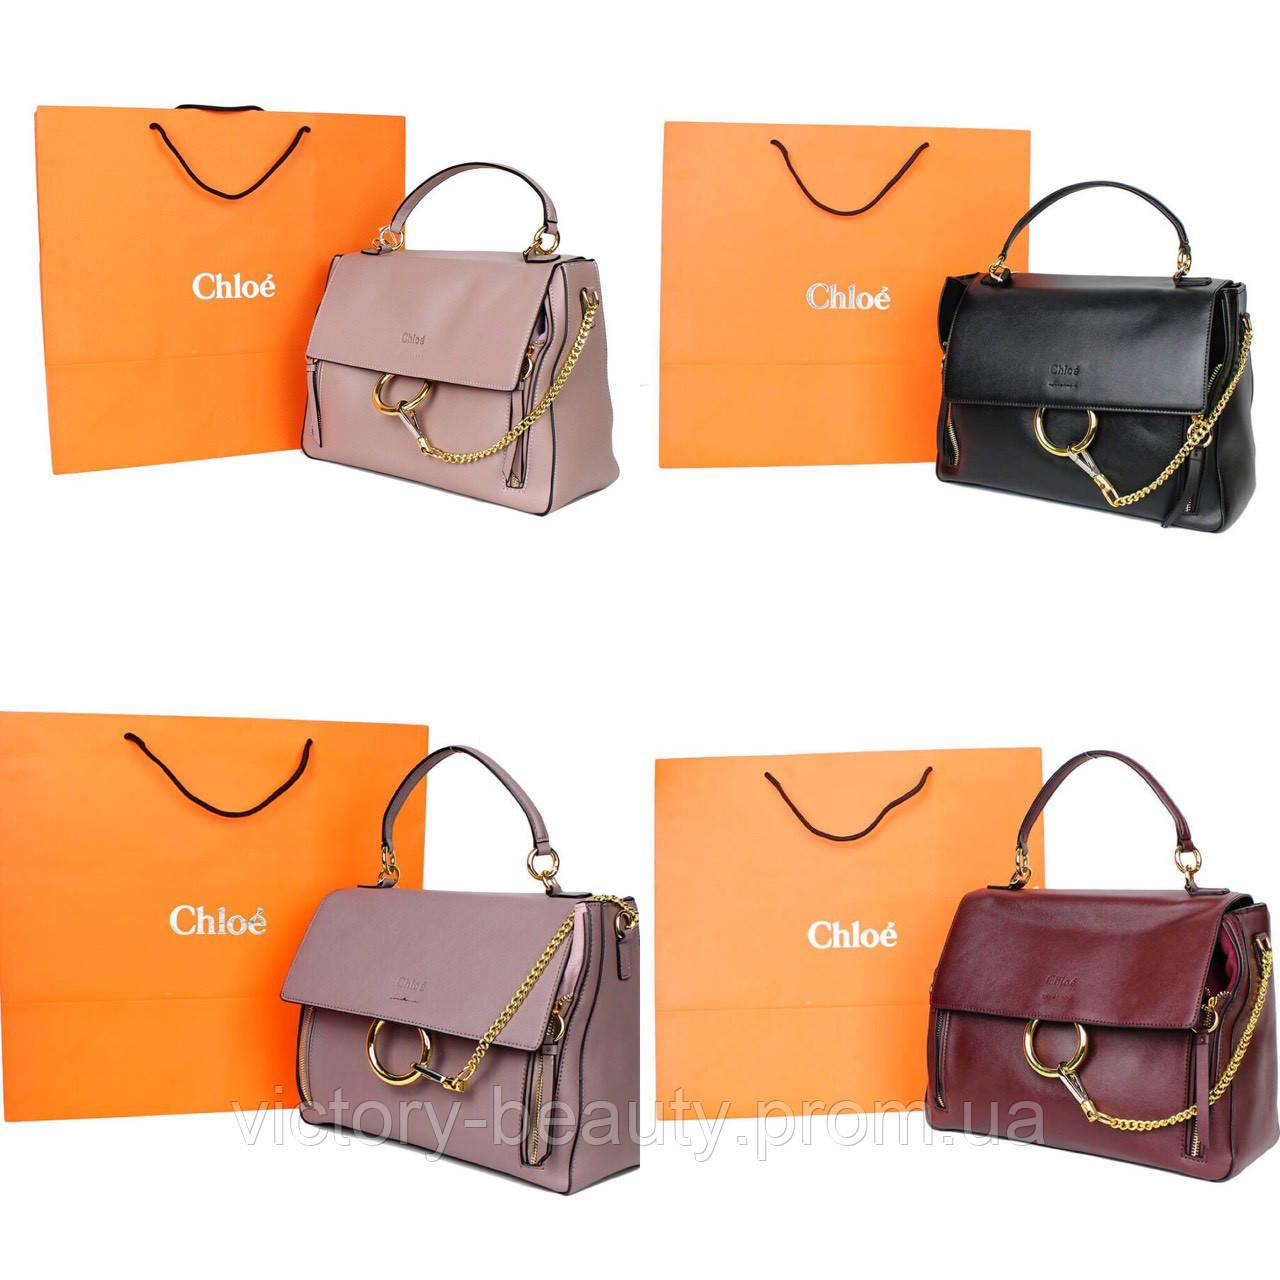 077b1d0349e6 Сумка копия люкс Chloe: продажа, цена в Харькове. женские сумочки и ...